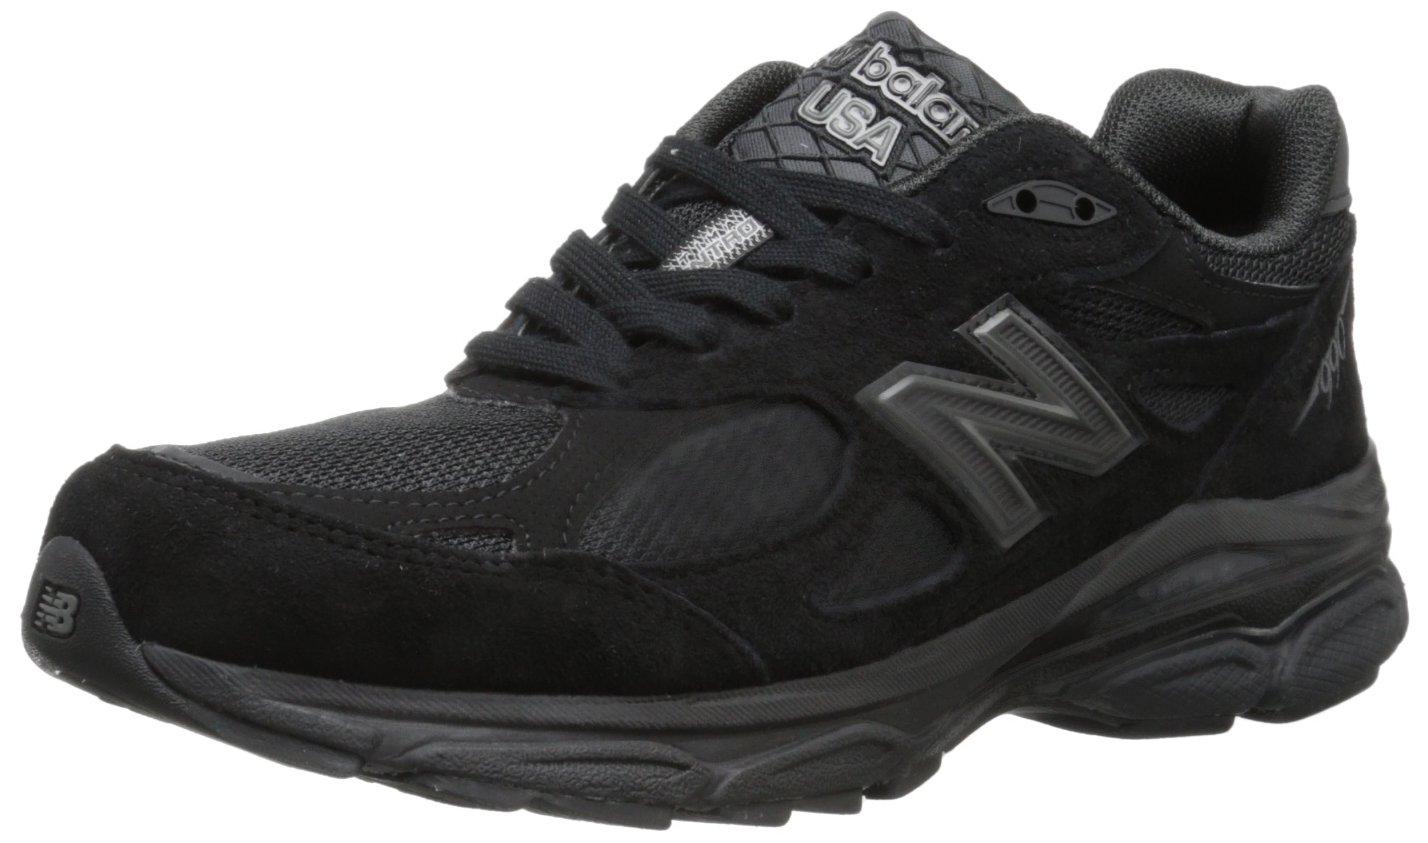 New Balance Women's 990V3 Running Shoe B00C40SPZG 11.5 D US|Black/Black